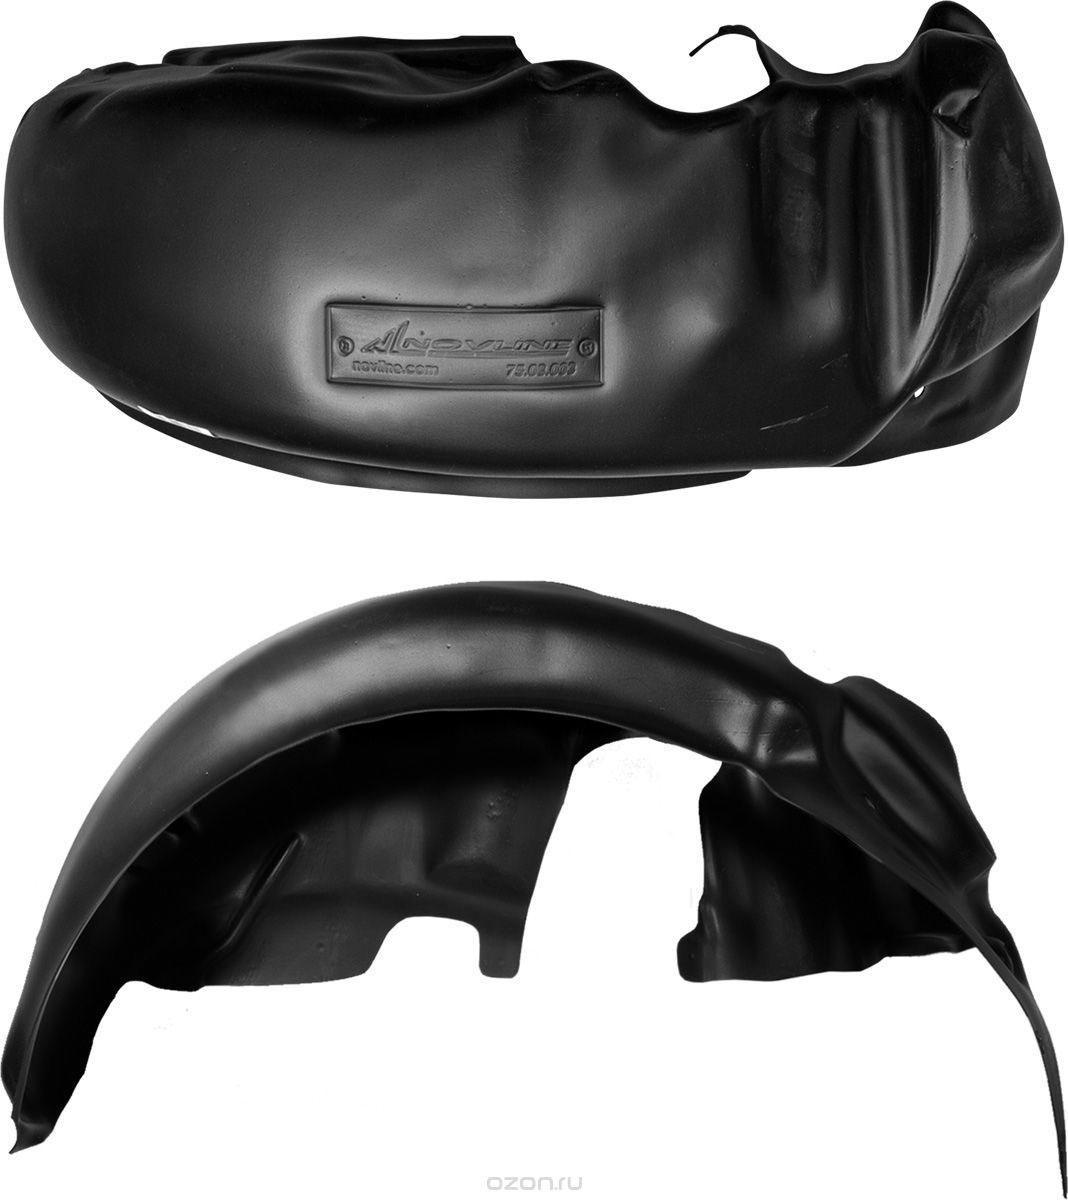 Подкрылок Novline-Autofamily, для TOYOTA Auris 03/2007-2013, задний правыйNLL.48.16.004Идеальная защита колесной ниши. Локеры разработаны с применением цифровых технологий, гарантируют максимальную повторяемость поверхности арки. Изделия устанавливаются без нарушения лакокрасочного покрытия автомобиля, каждый подкрылок комплектуется крепежом. Уважаемые клиенты, обращаем ваше внимание, что фотографии на подкрылки универсальные и не отражают реальную форму изделия. При этом само изделие идет точно под размер указанного автомобиля.